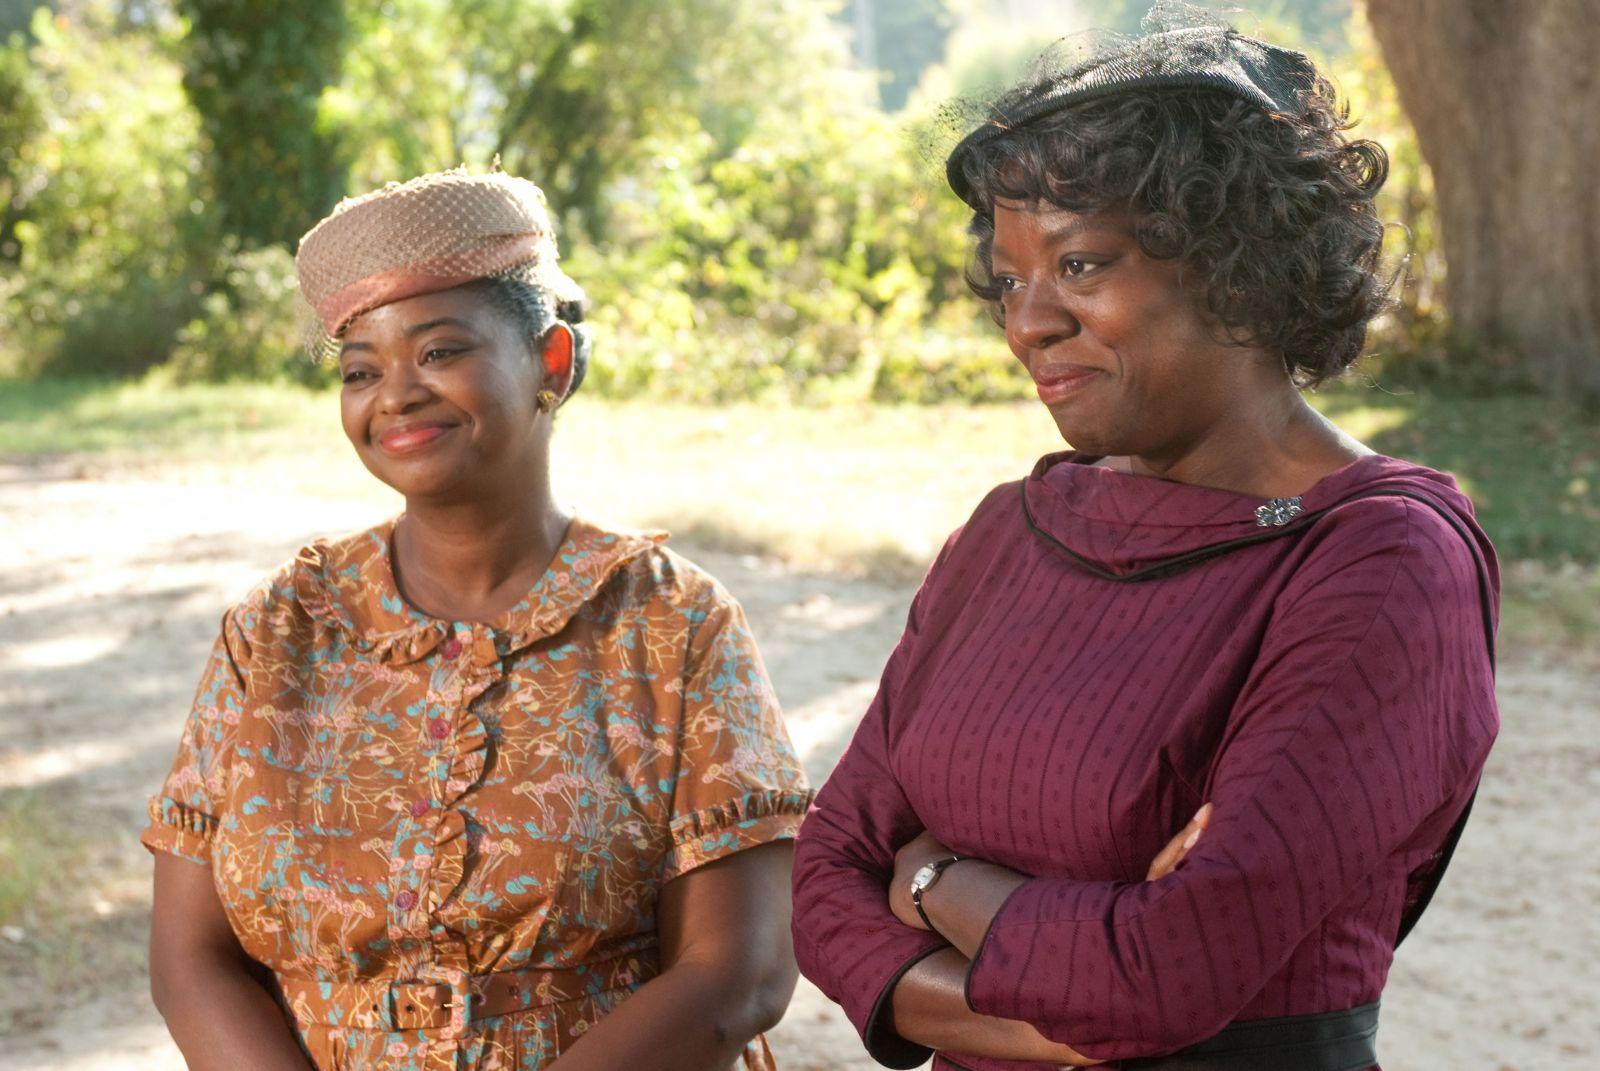 the help - histórias cruzadas - filmes sobre mulheres negras